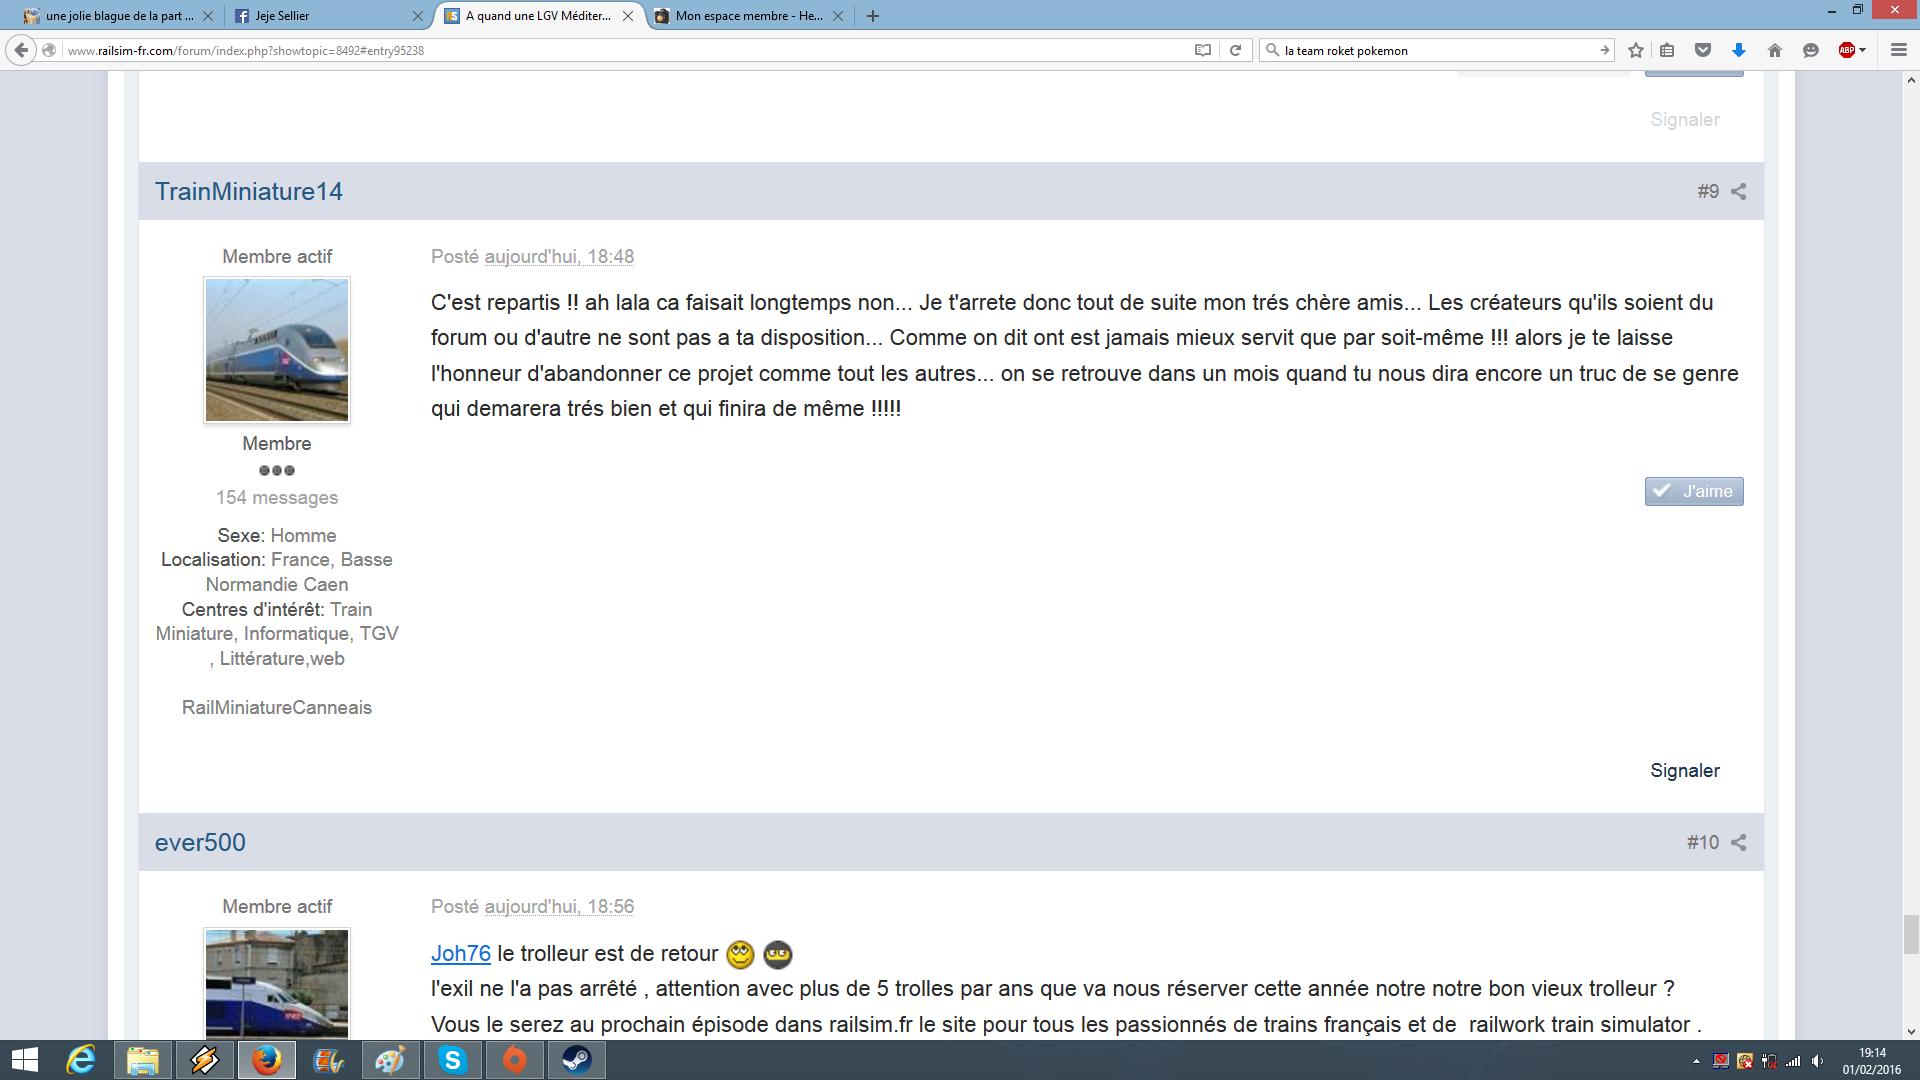 une jolie blague de la part d'une personne sur mon forum de train  ... 115794Sanstitre0218